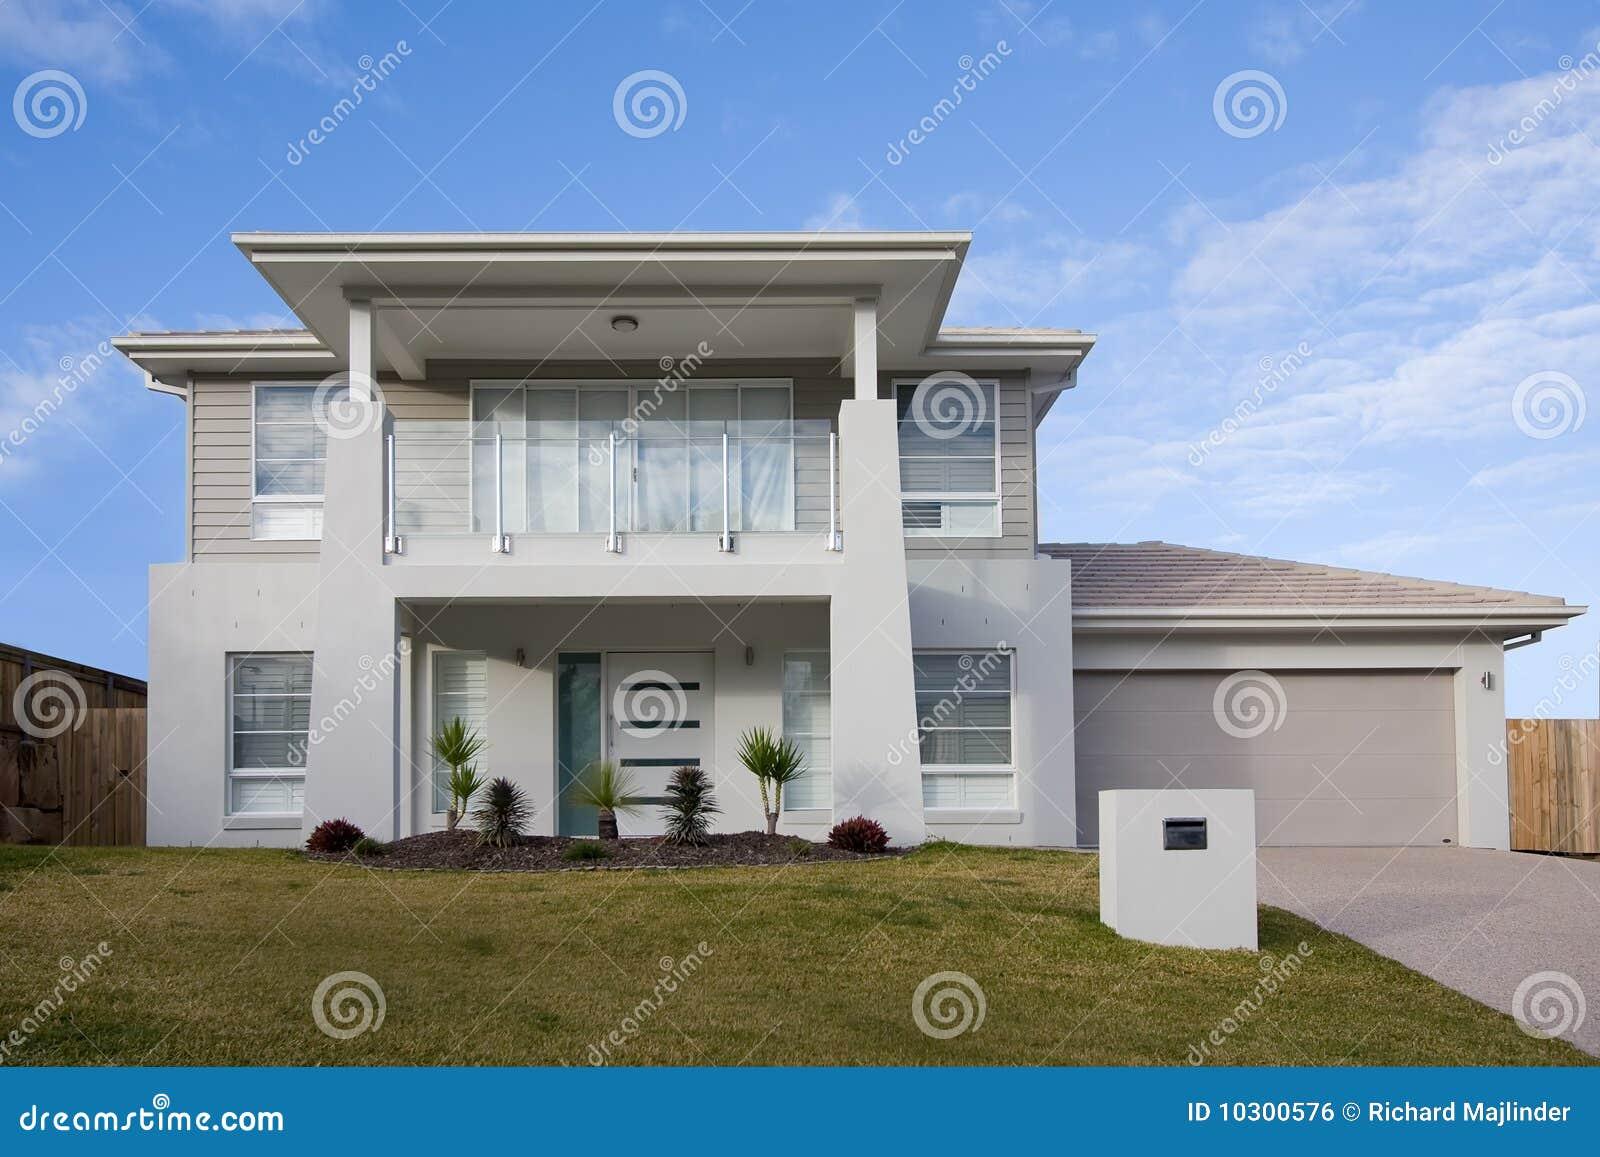 Casa de dos pisos moderna con un balc n imagen de archivo for Casa moderna 2 pisos